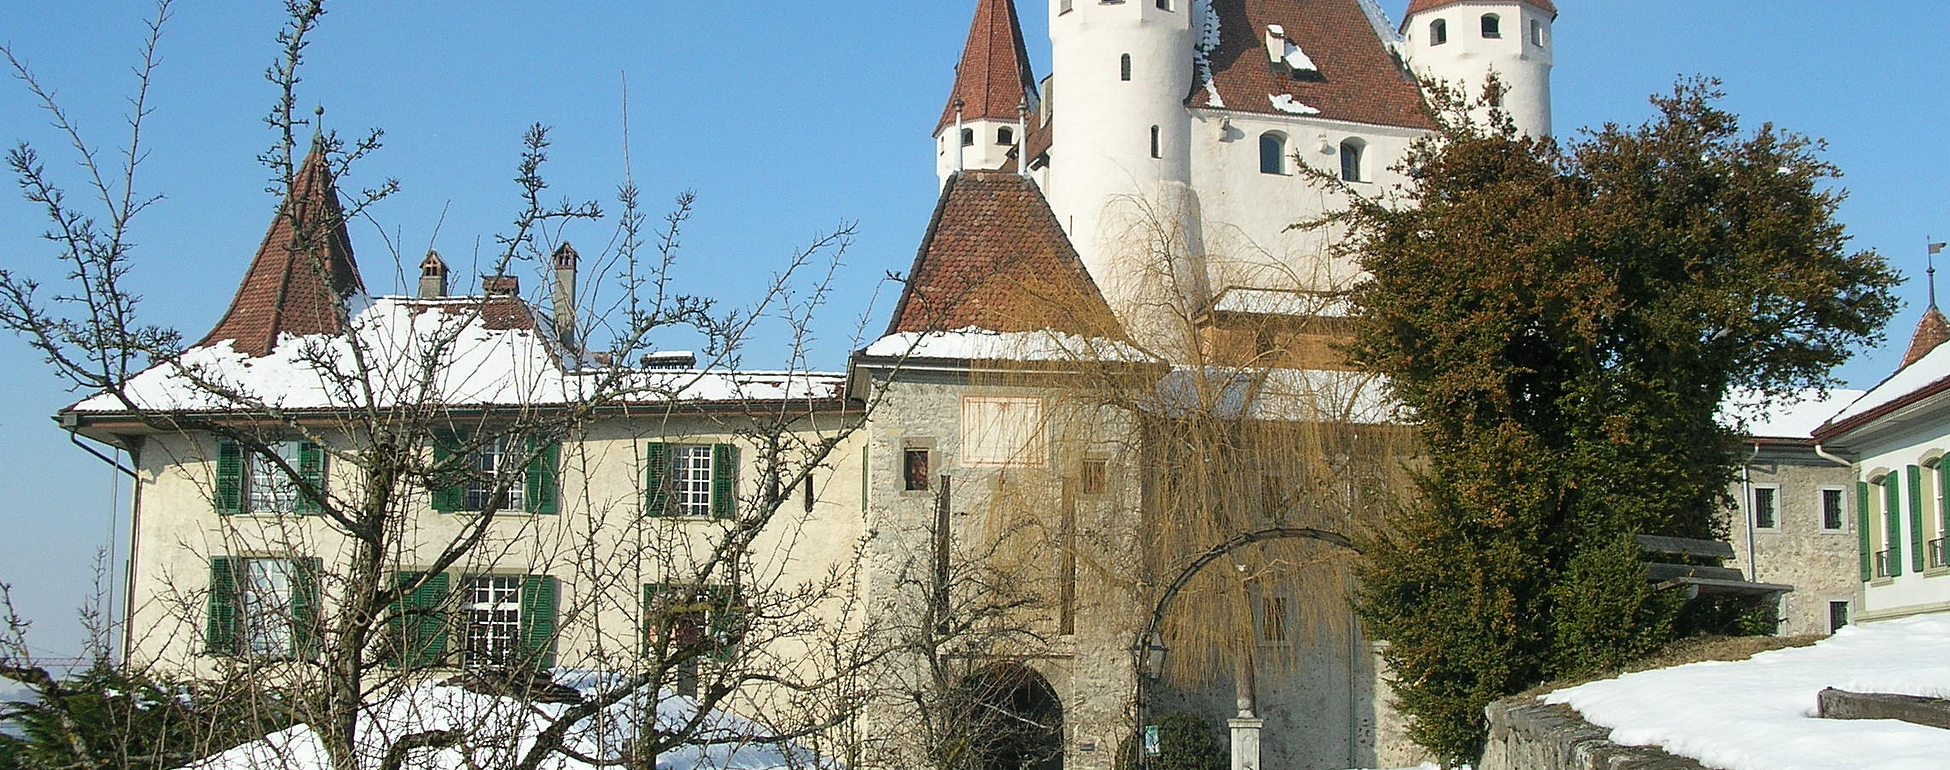 Château de Thoune